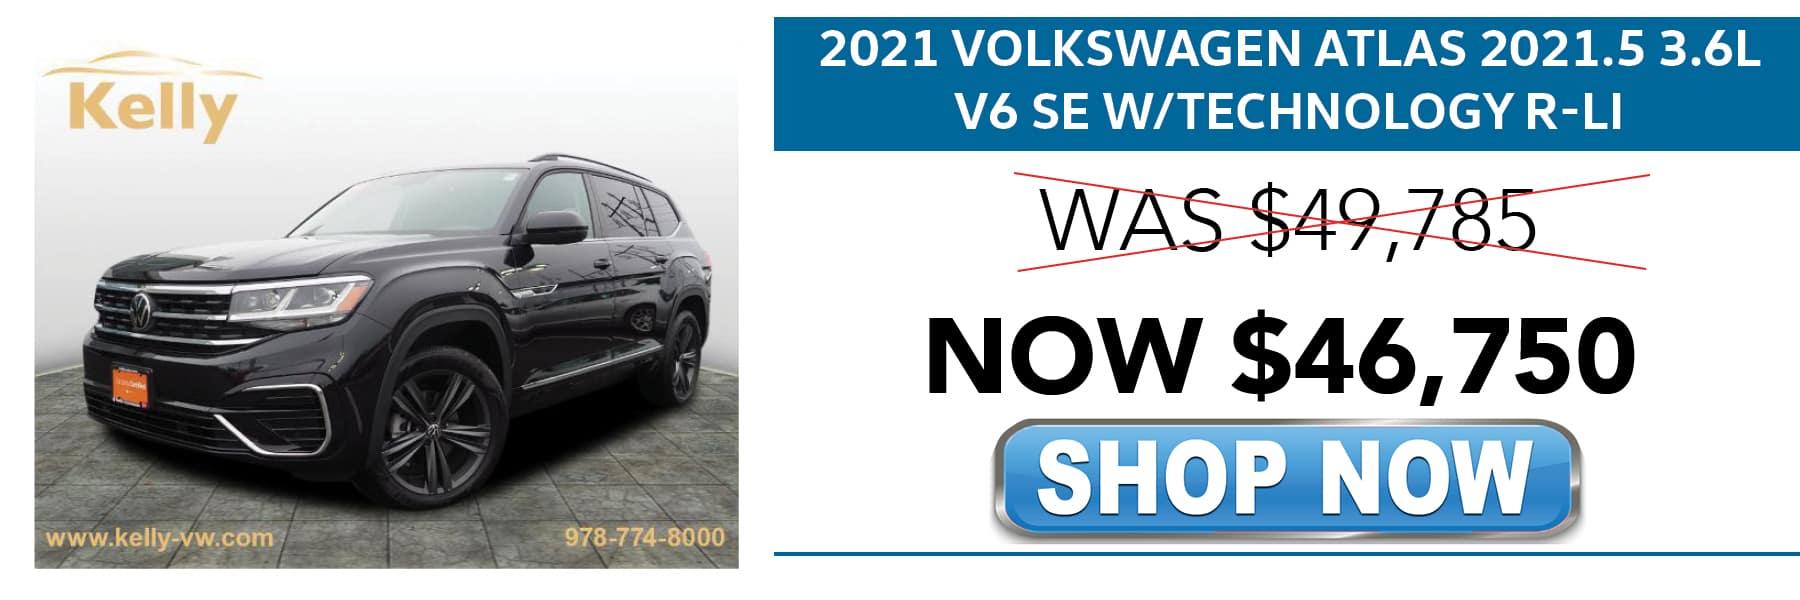 Certified Pre-Owned 2021 Volkswagen Atlas SE Now $46,750